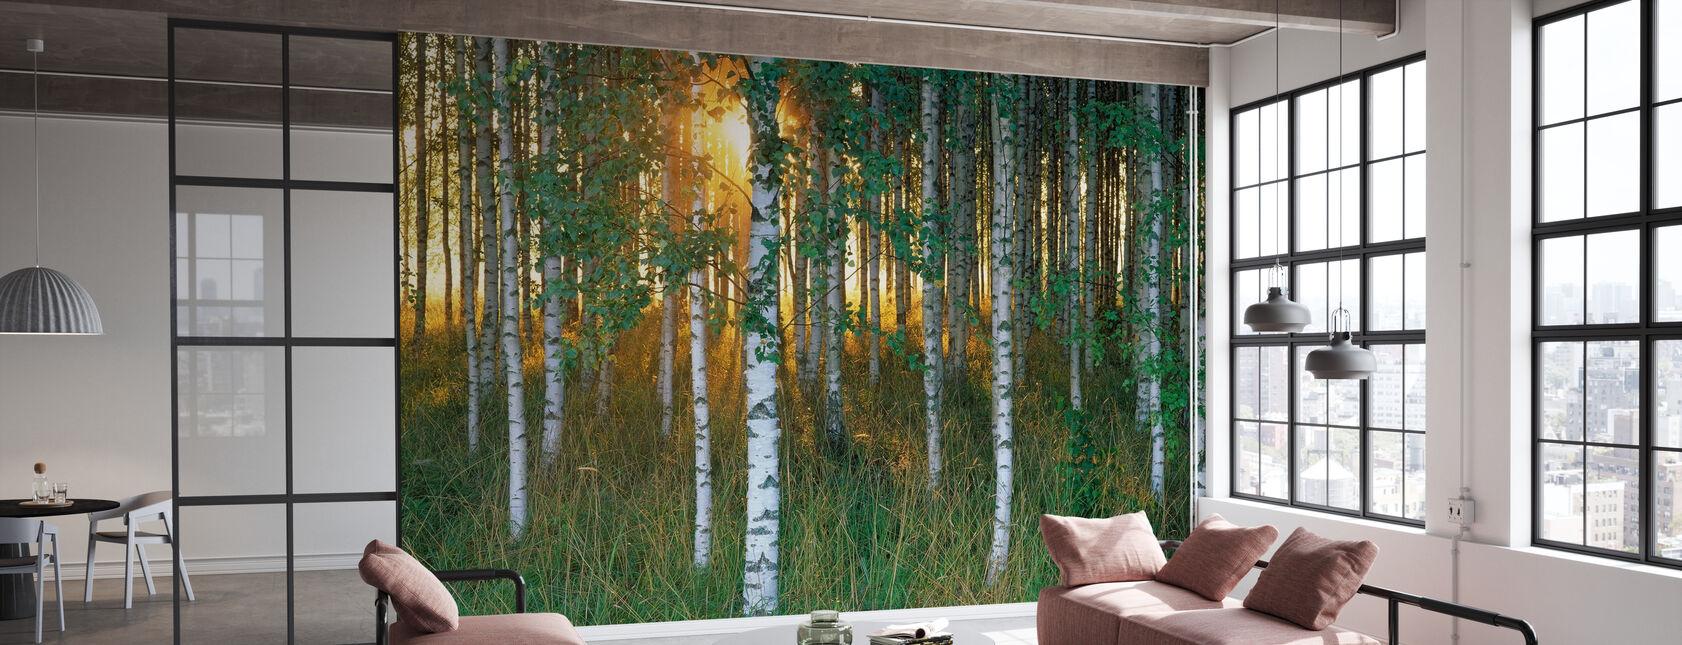 Sunbeam gjennom Birch Forest - Tapet - Kontor